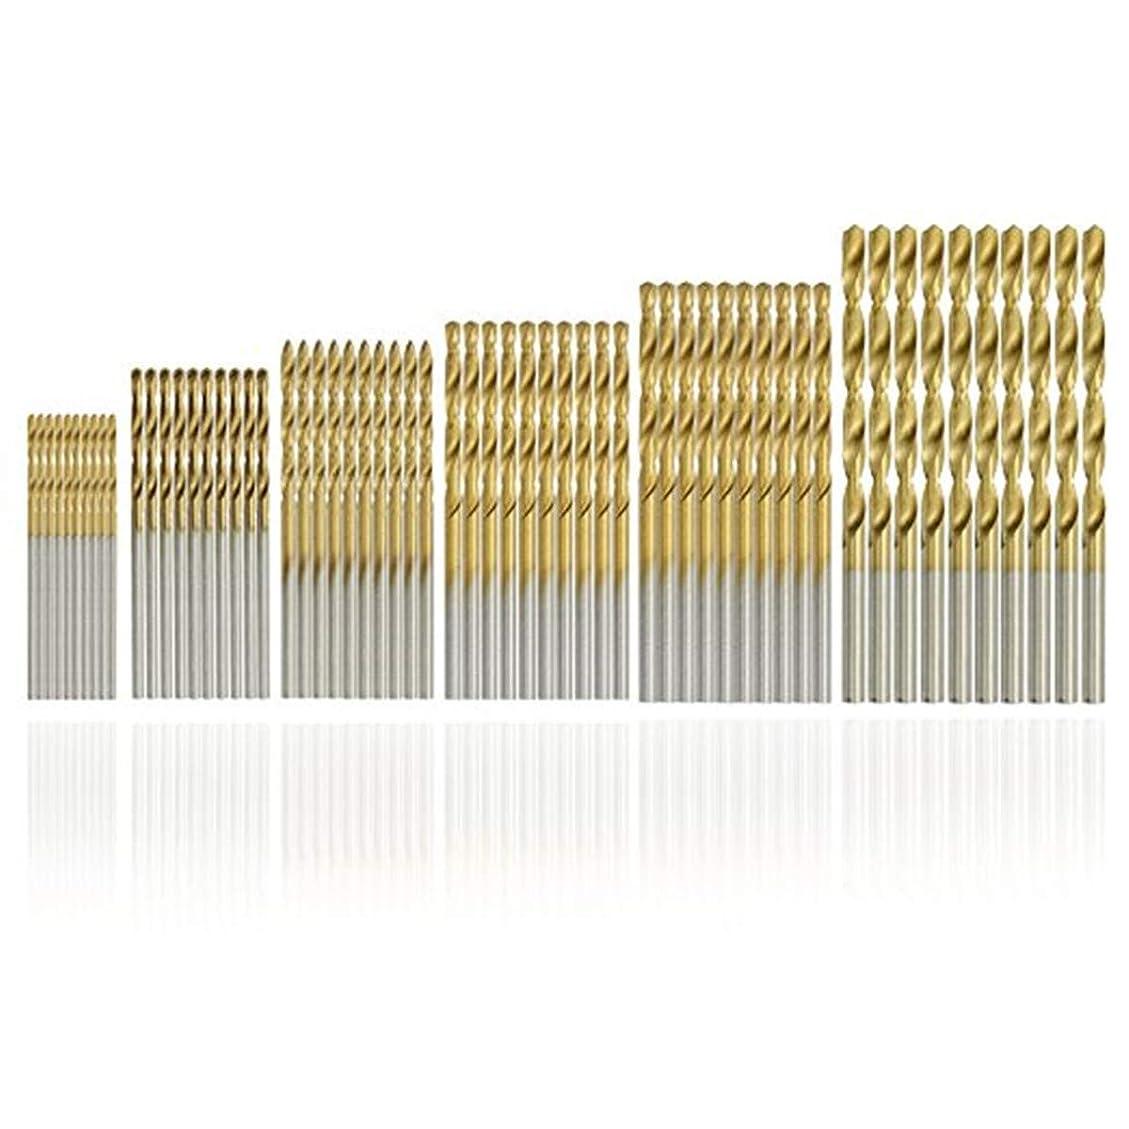 すなわち見積り邪悪なKingsie ドリル刃 高速鋼 ドリルビット 1mm/1.5mm/2mm/2.5mm/3mm/3.5mm 穴あけドリル HSS ストレート 鉄工用/木工用/電気ドリル用 60個セット